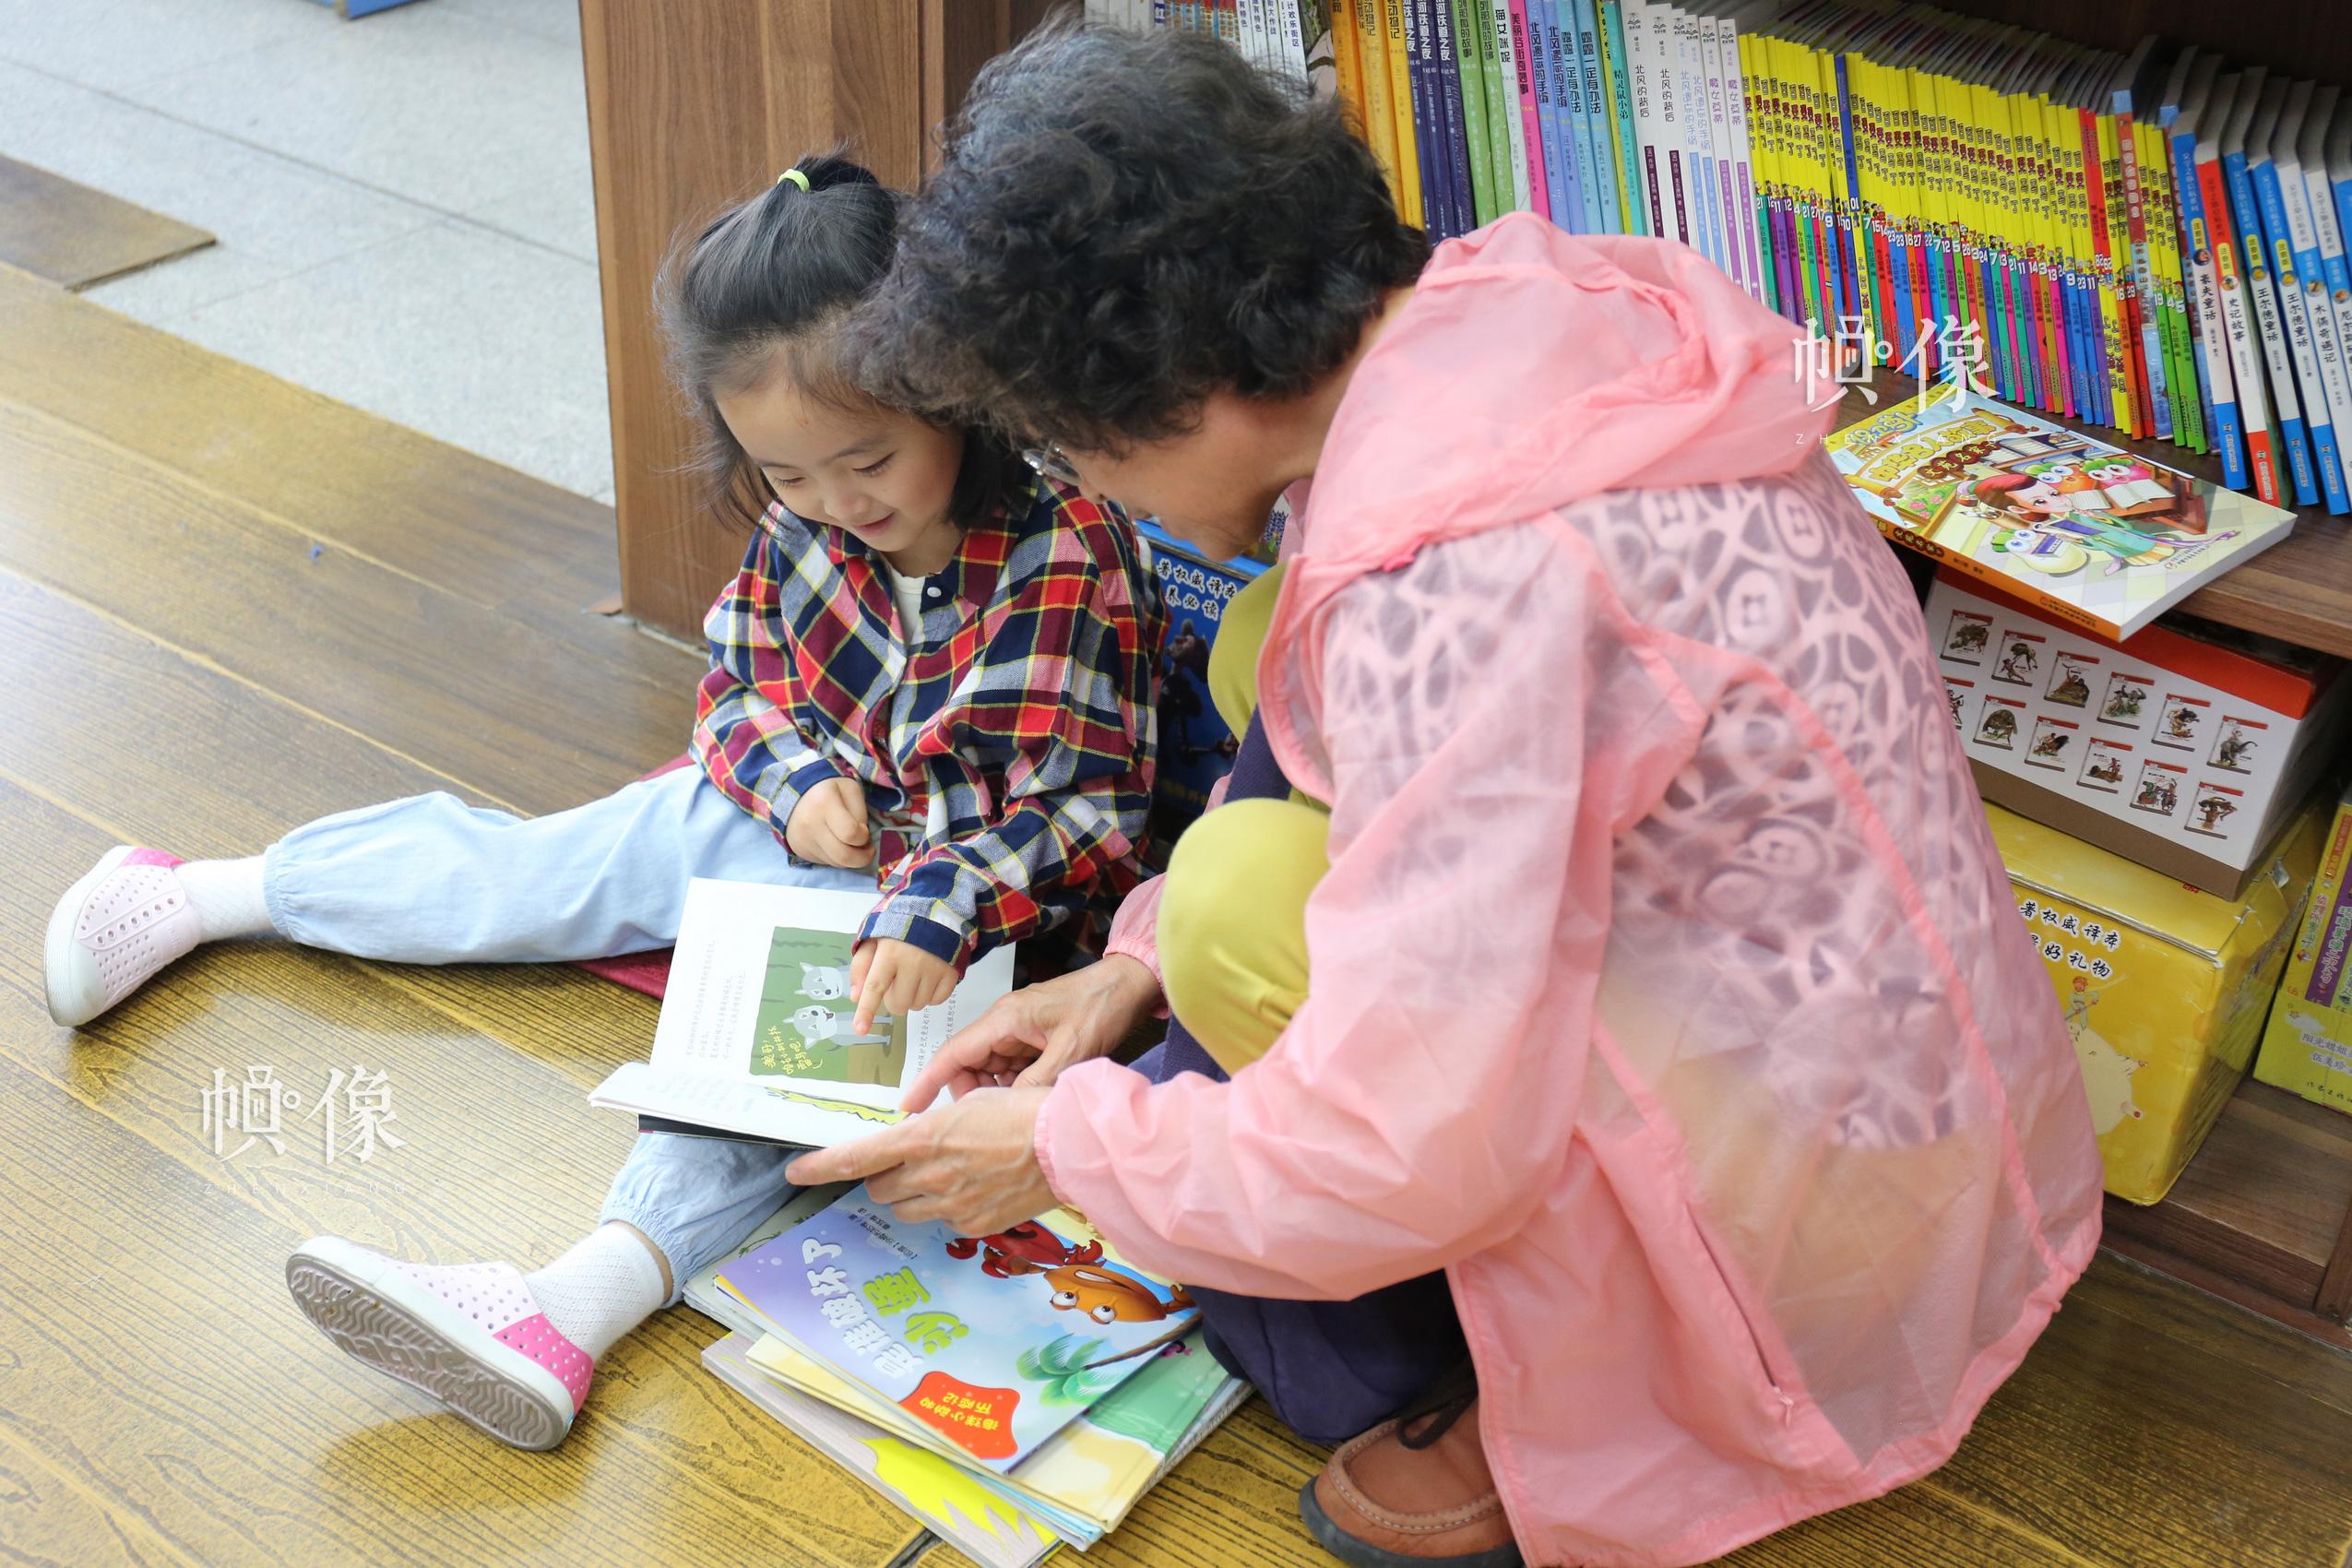 5月23日,北京三联书店美术馆店,一位老者给孙女读书。 中国网记者 赵超 摄